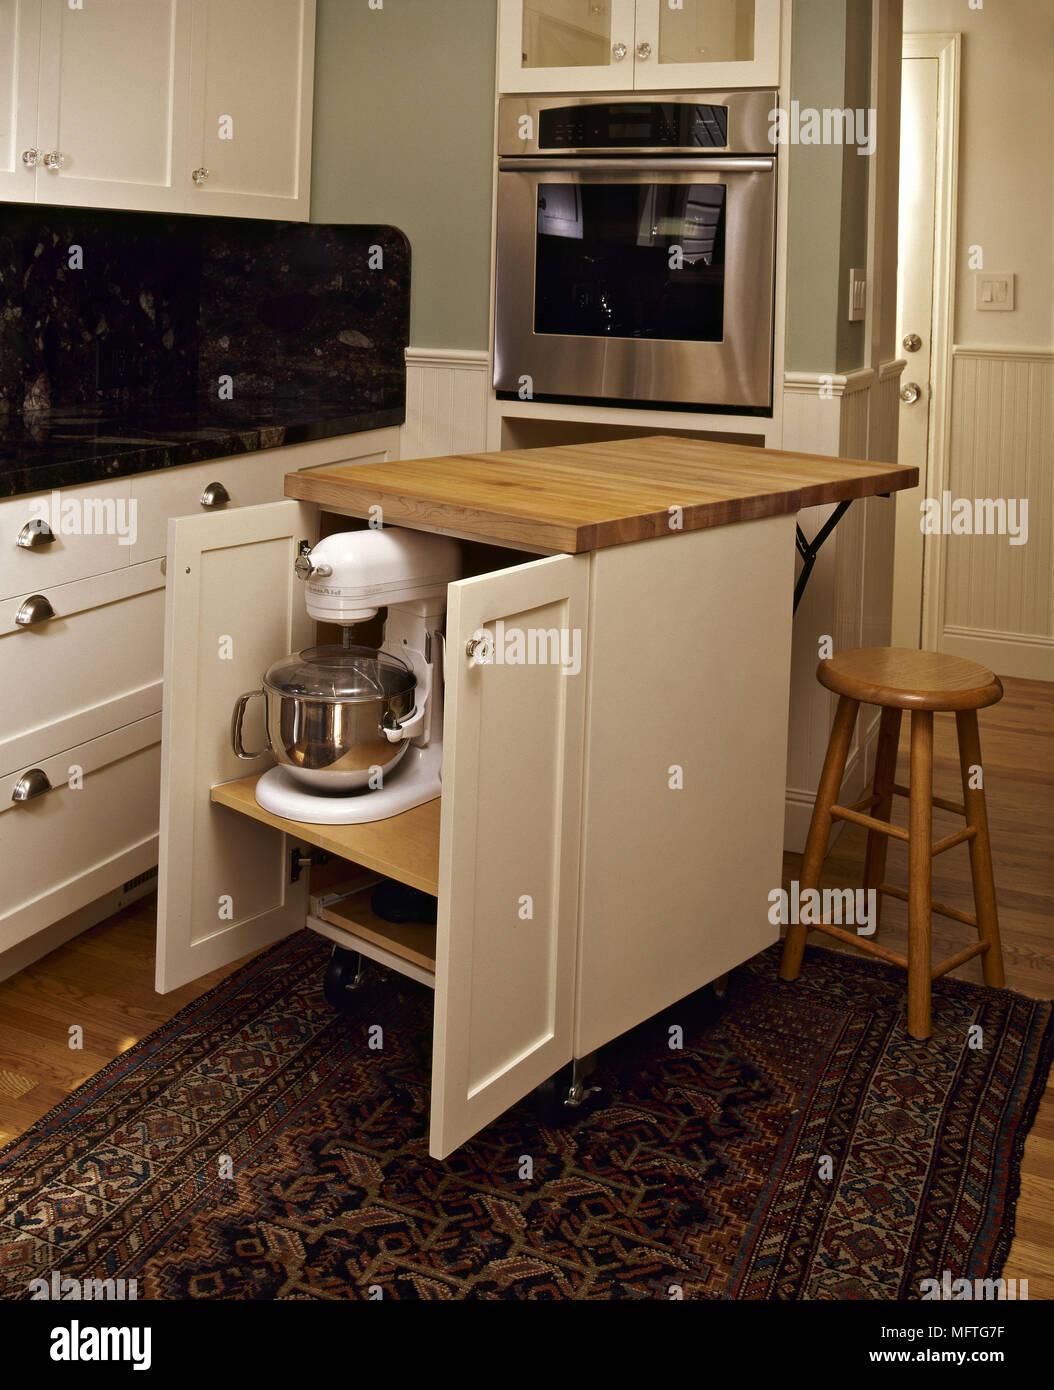 Moderno Cocina De Diseño Danbury Ct Foto - Como Decorar la Cocina ...